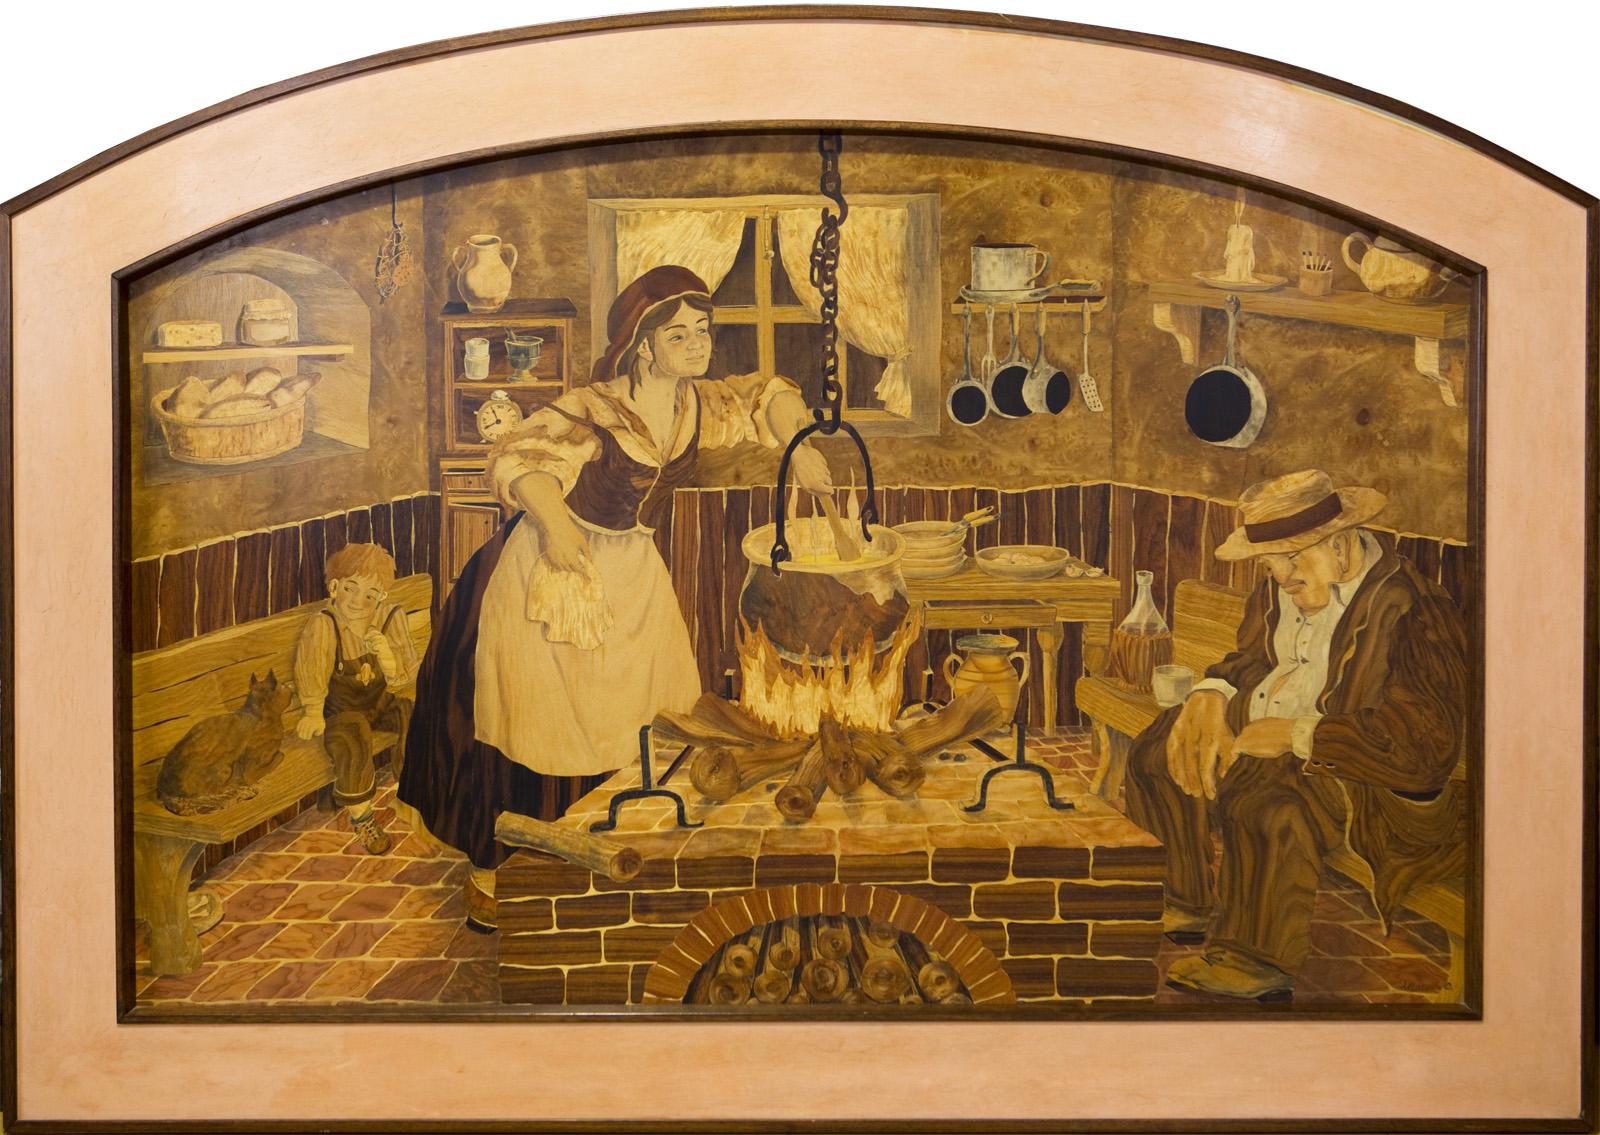 pannelli in legno intarsiato : Opere arte intarsio legno quadri e varie tecniche Venezia Carlo ...